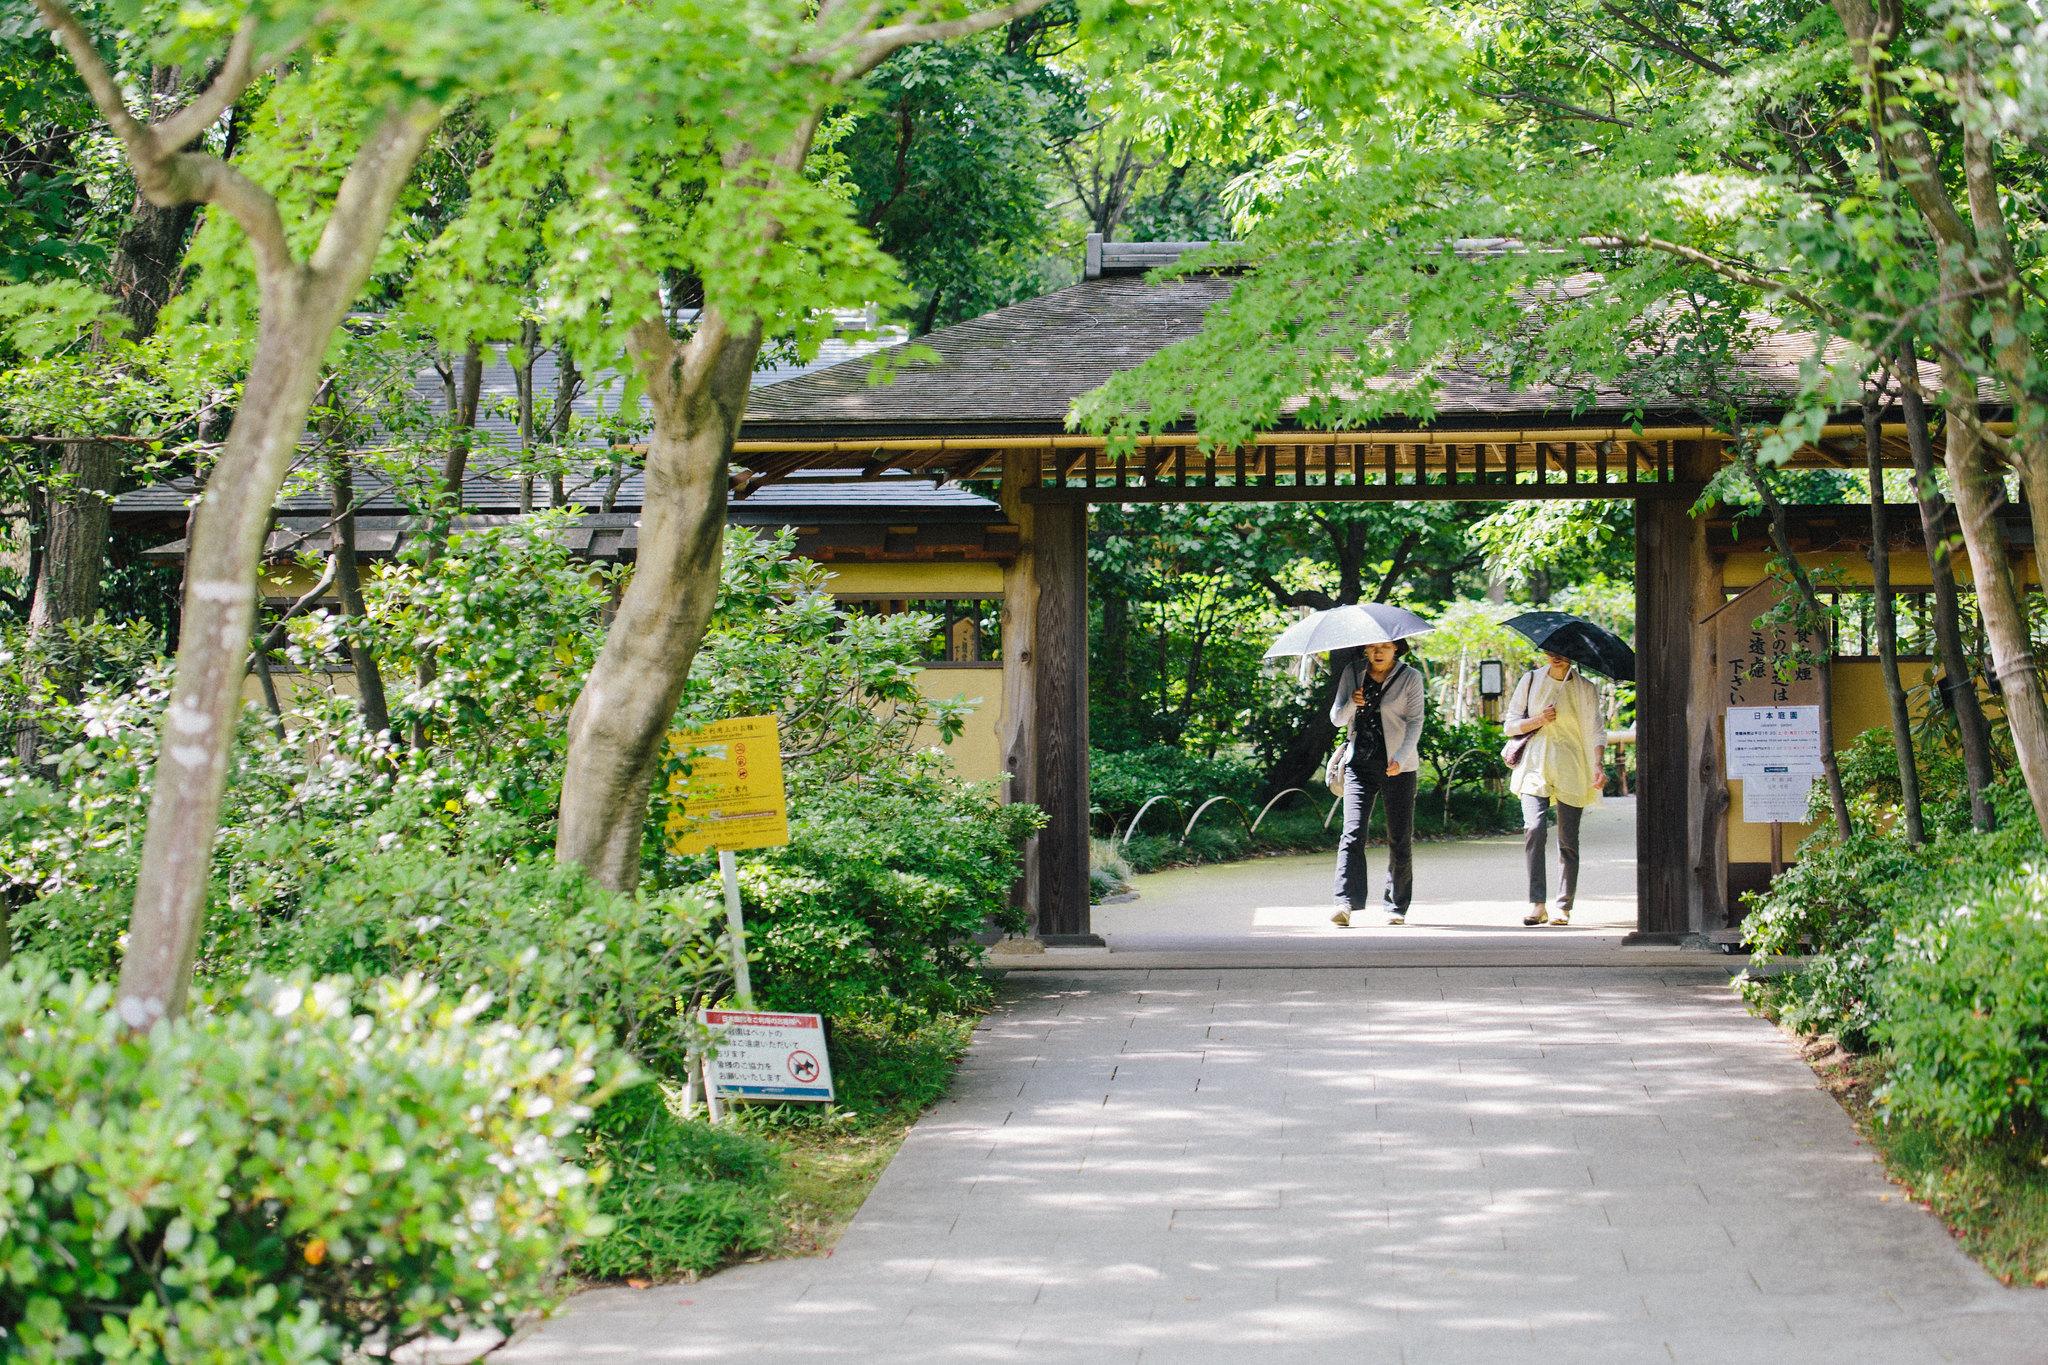 2016-05-31 昭和記念公園 001-11